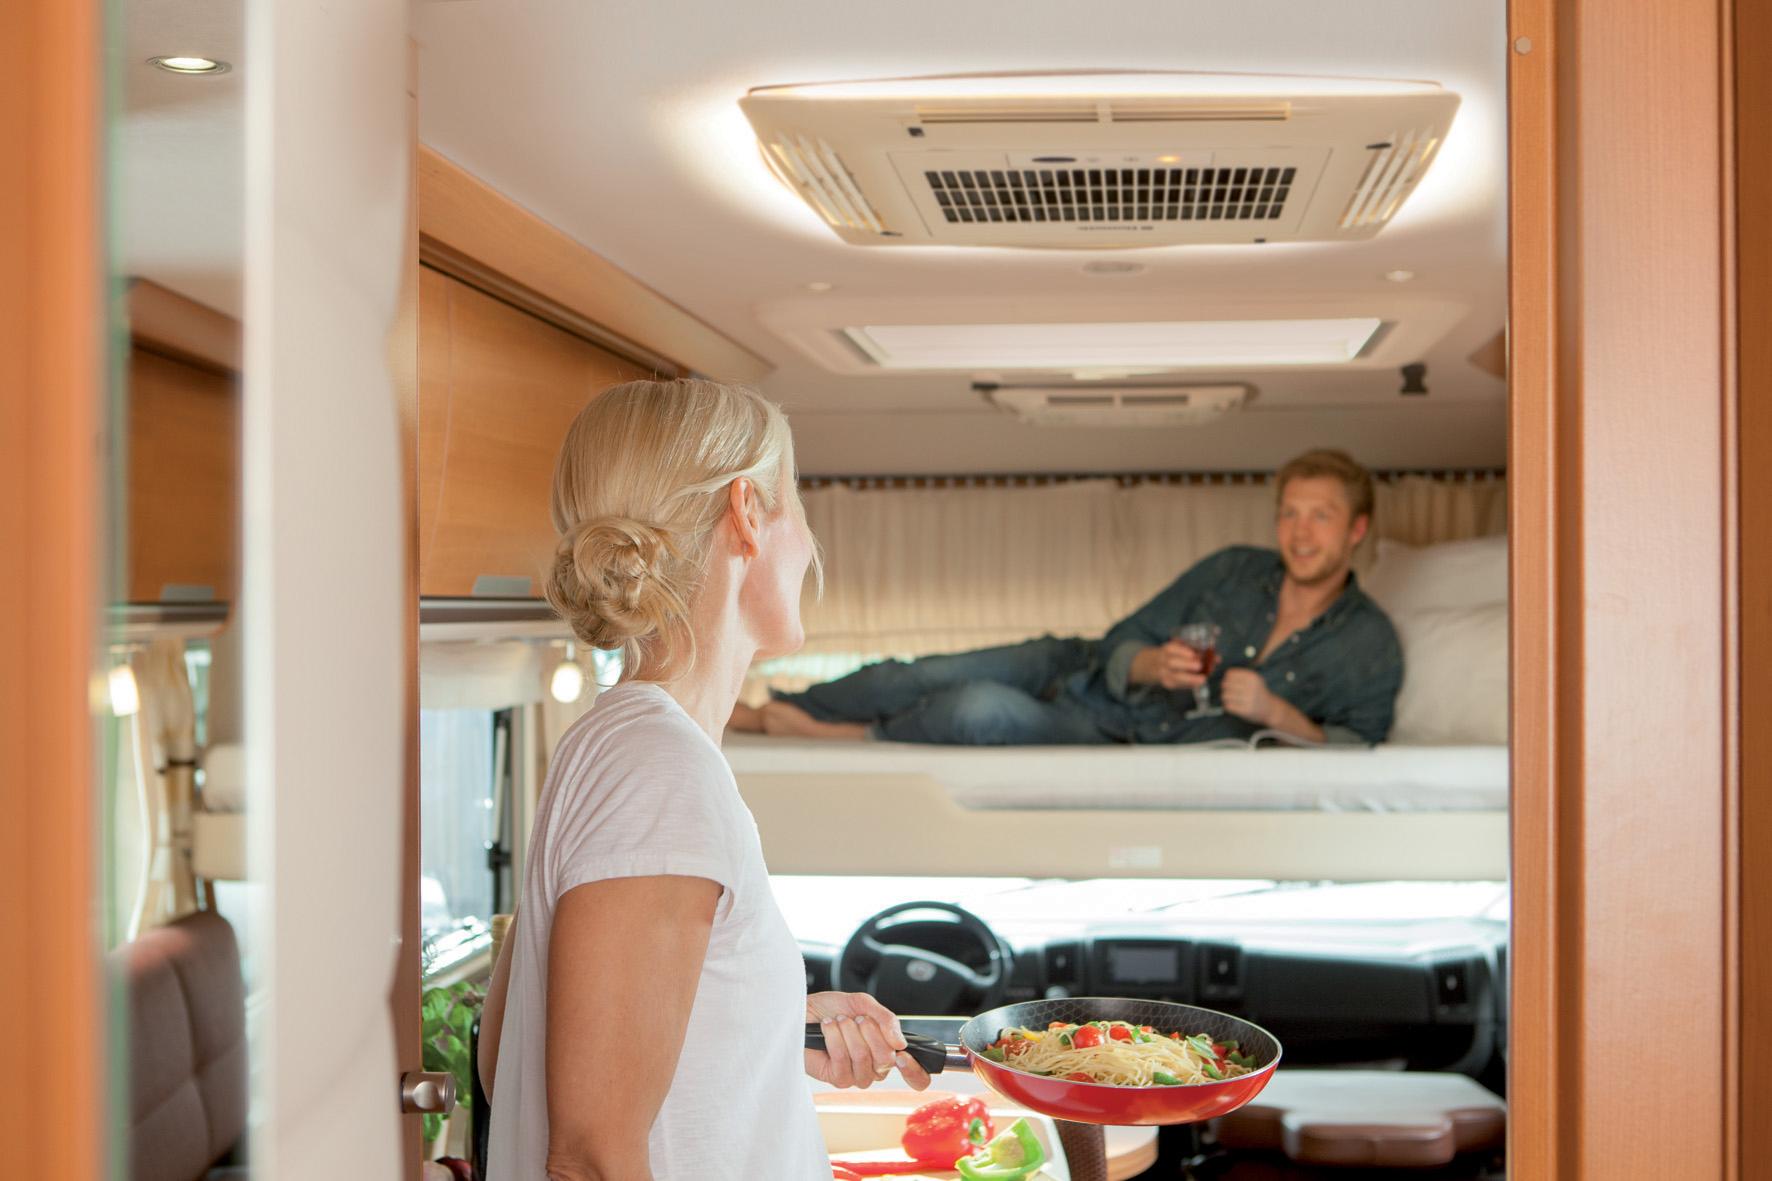 mid Groß-Gerau - Ob unterwegs oder auf dem Camping-Platz: Moderne Klimageräte sorgen im Wohnmobil für Wohlfühl-Atmosphäre.